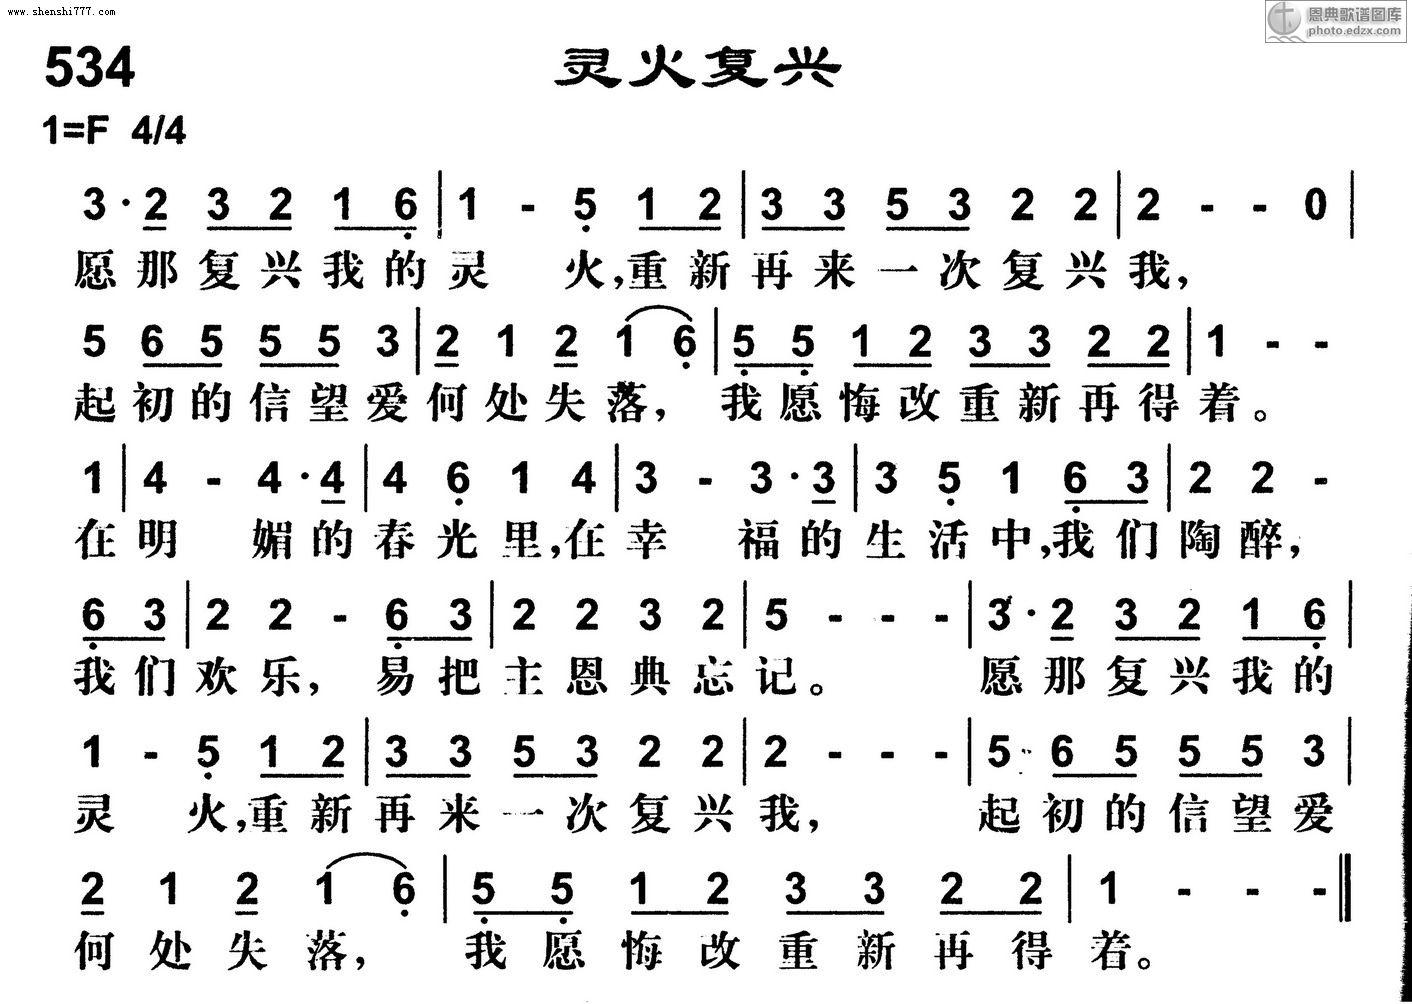 534首灵火复兴 基督教歌谱赞美诗歌谱